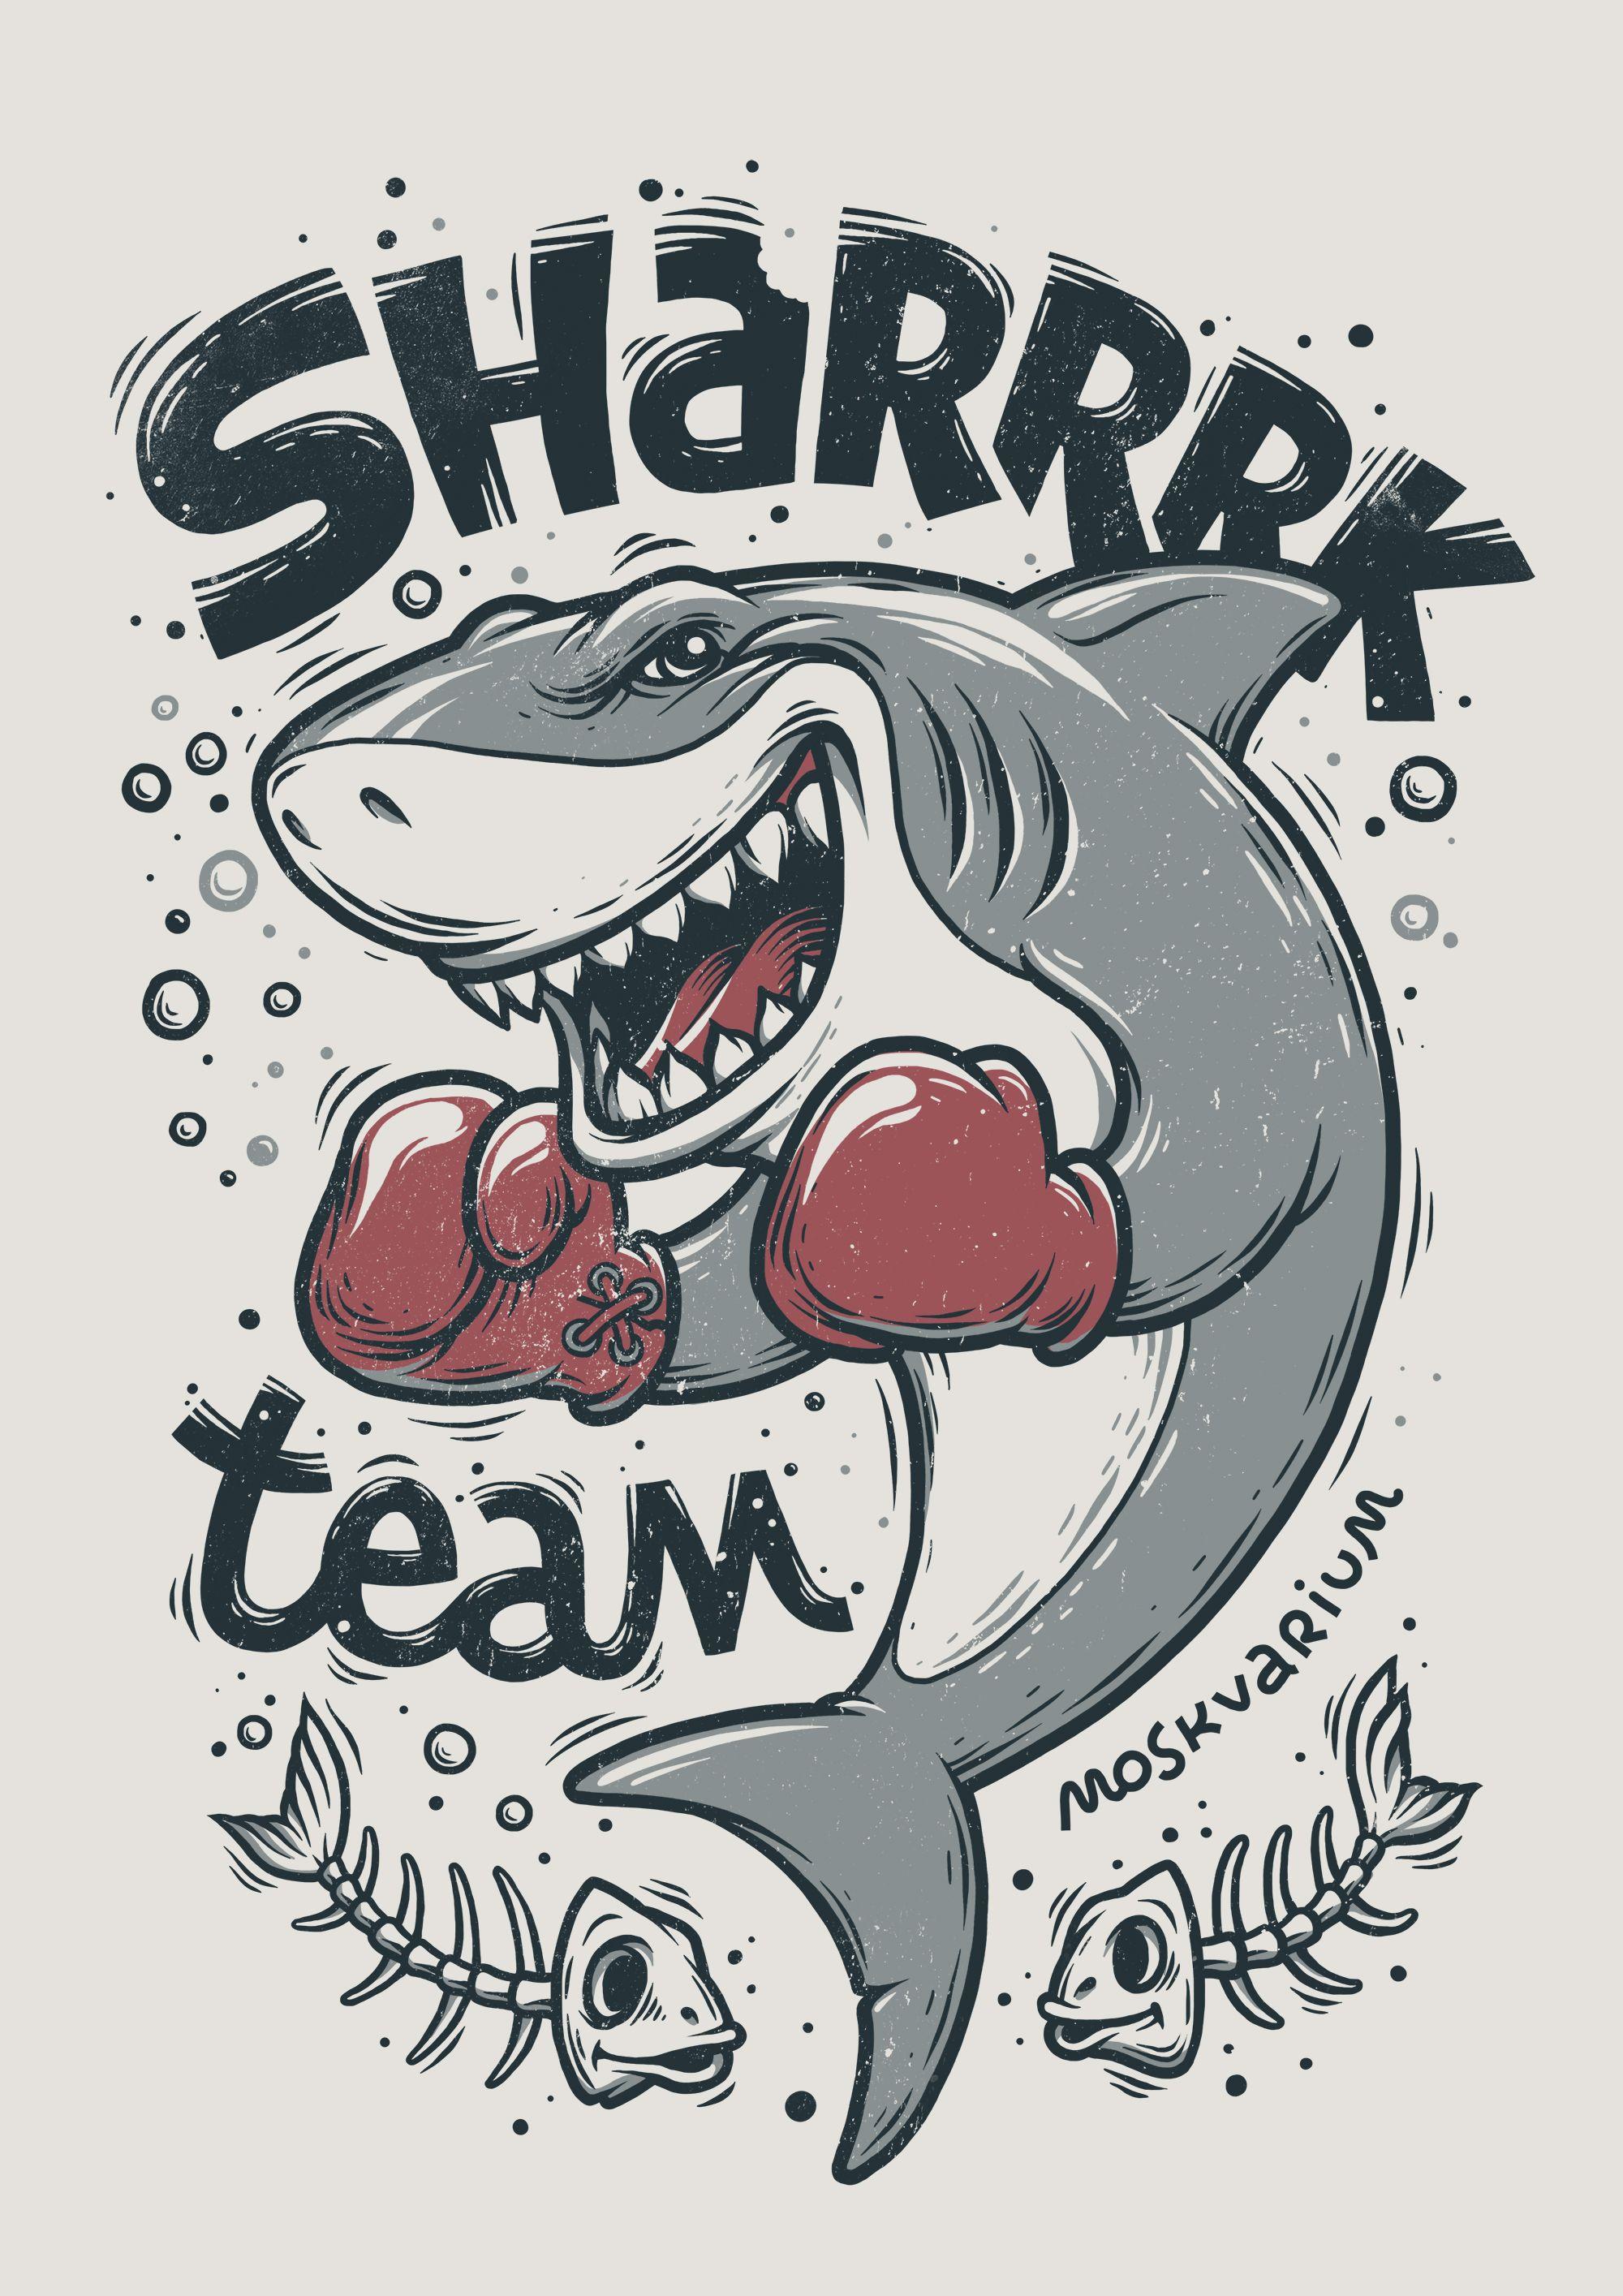 Design muse shark week -  Shark Illustration Making Of